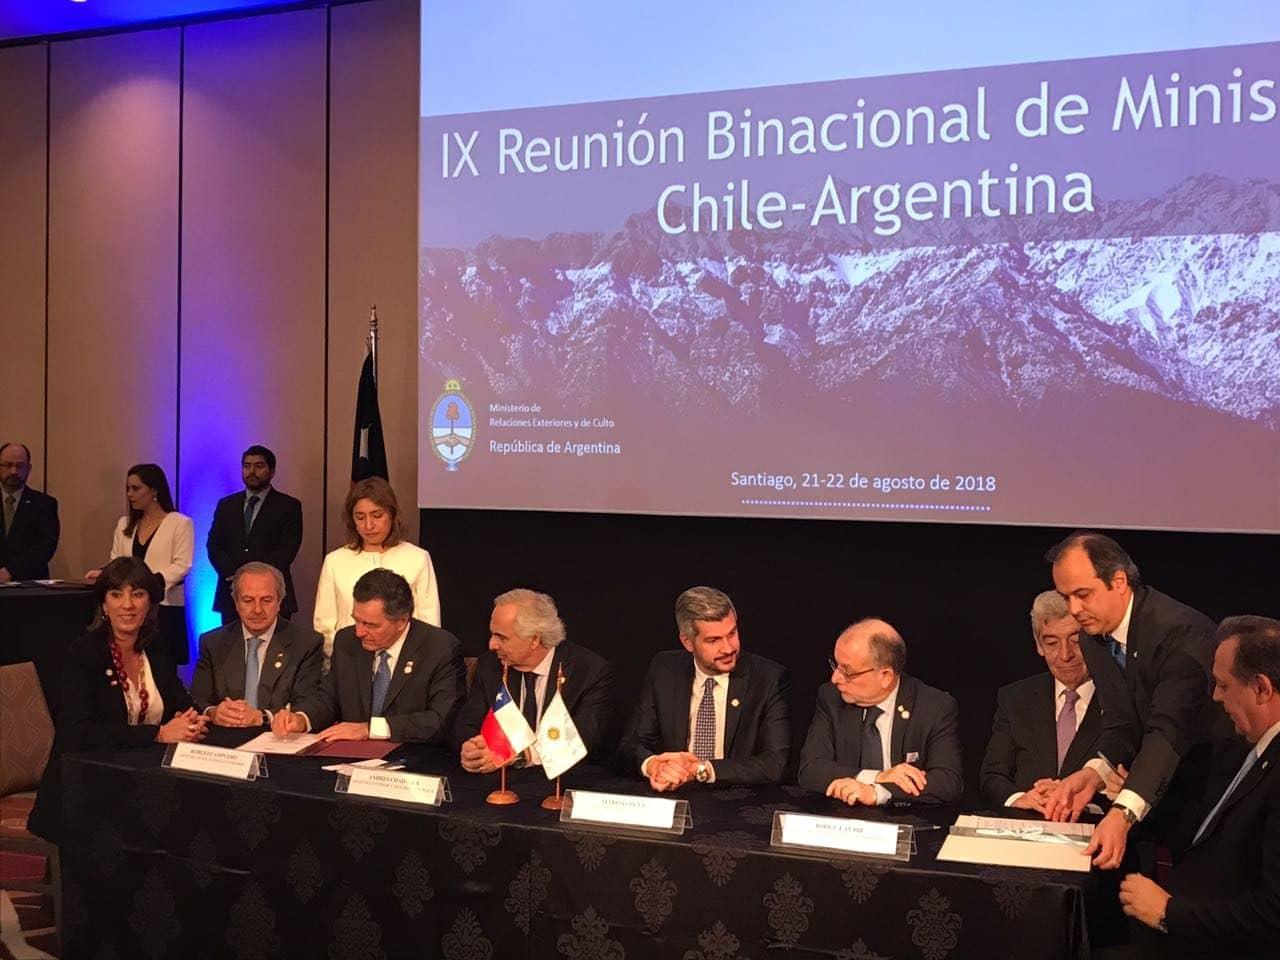 Chile y Argentina firman acuerdo de reconocimiento  de visas para turistas de China